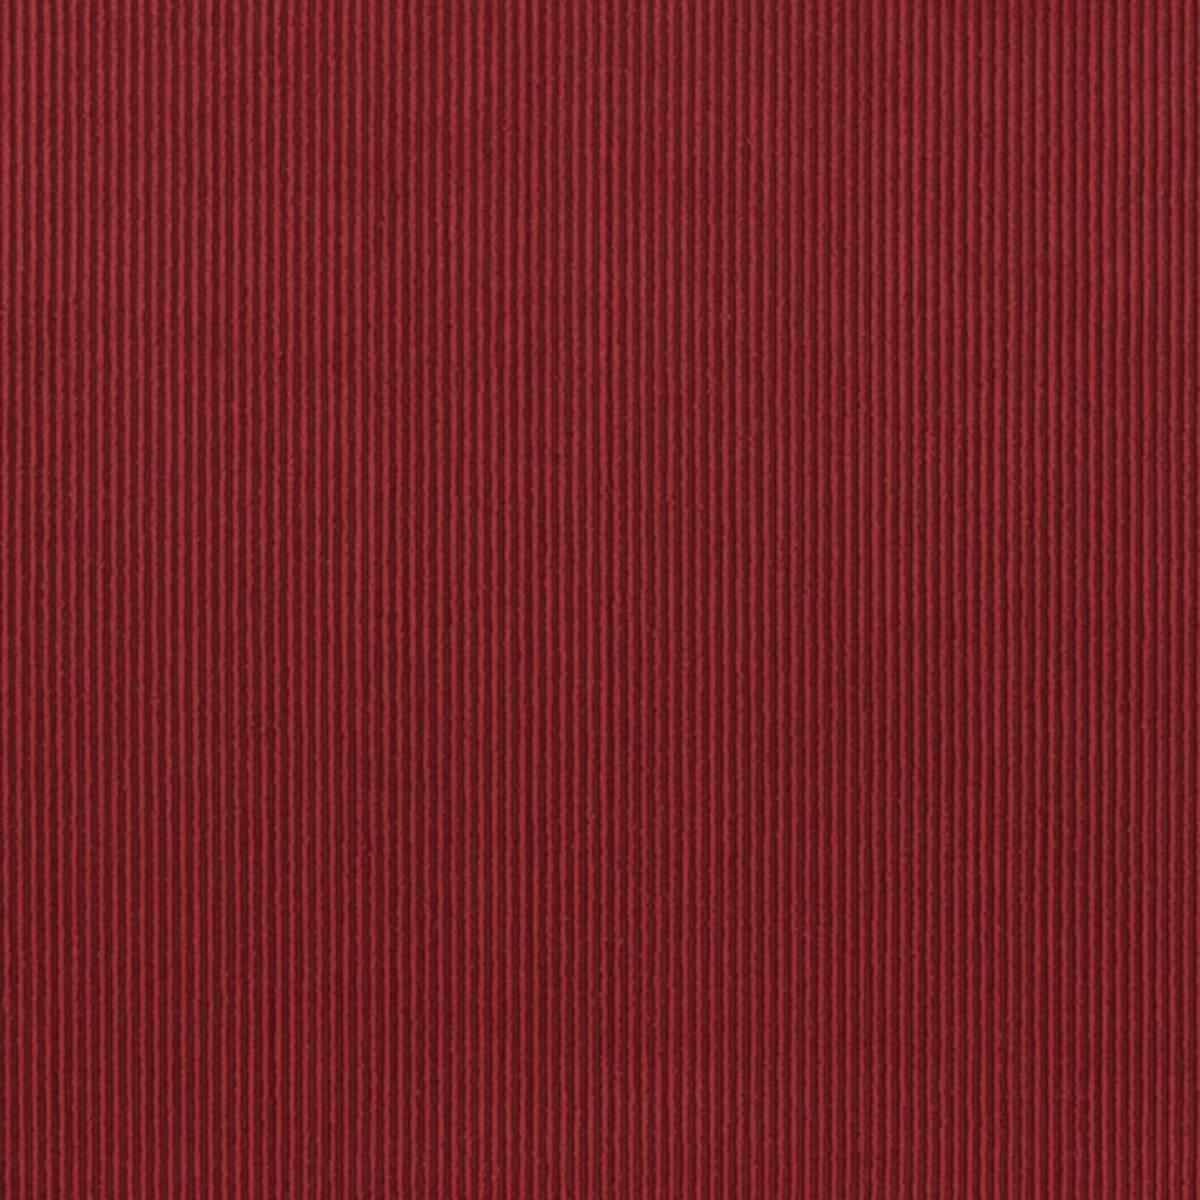 Tammaro Fabrics Crimson Fdg2748 37 Designers Guild